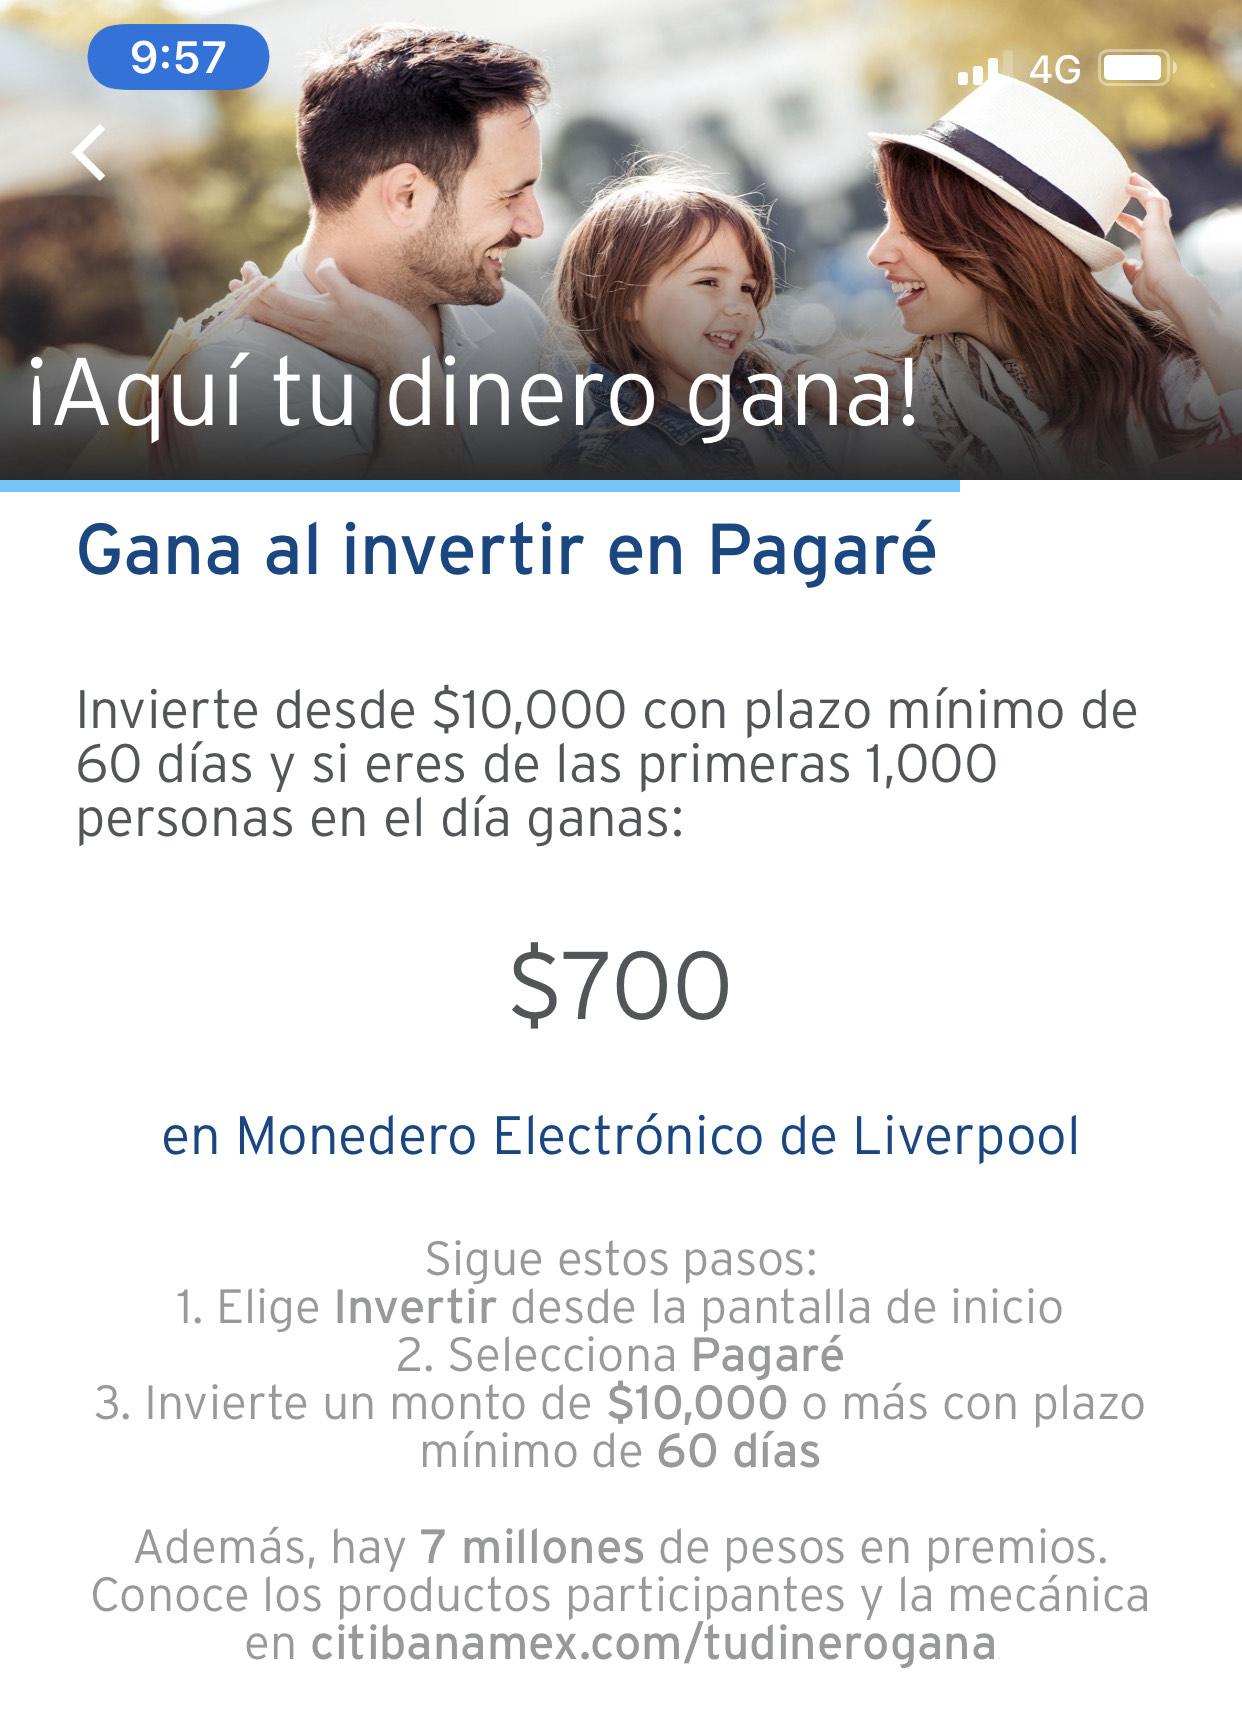 Citibanamex: $700 en Monedero Liverpool